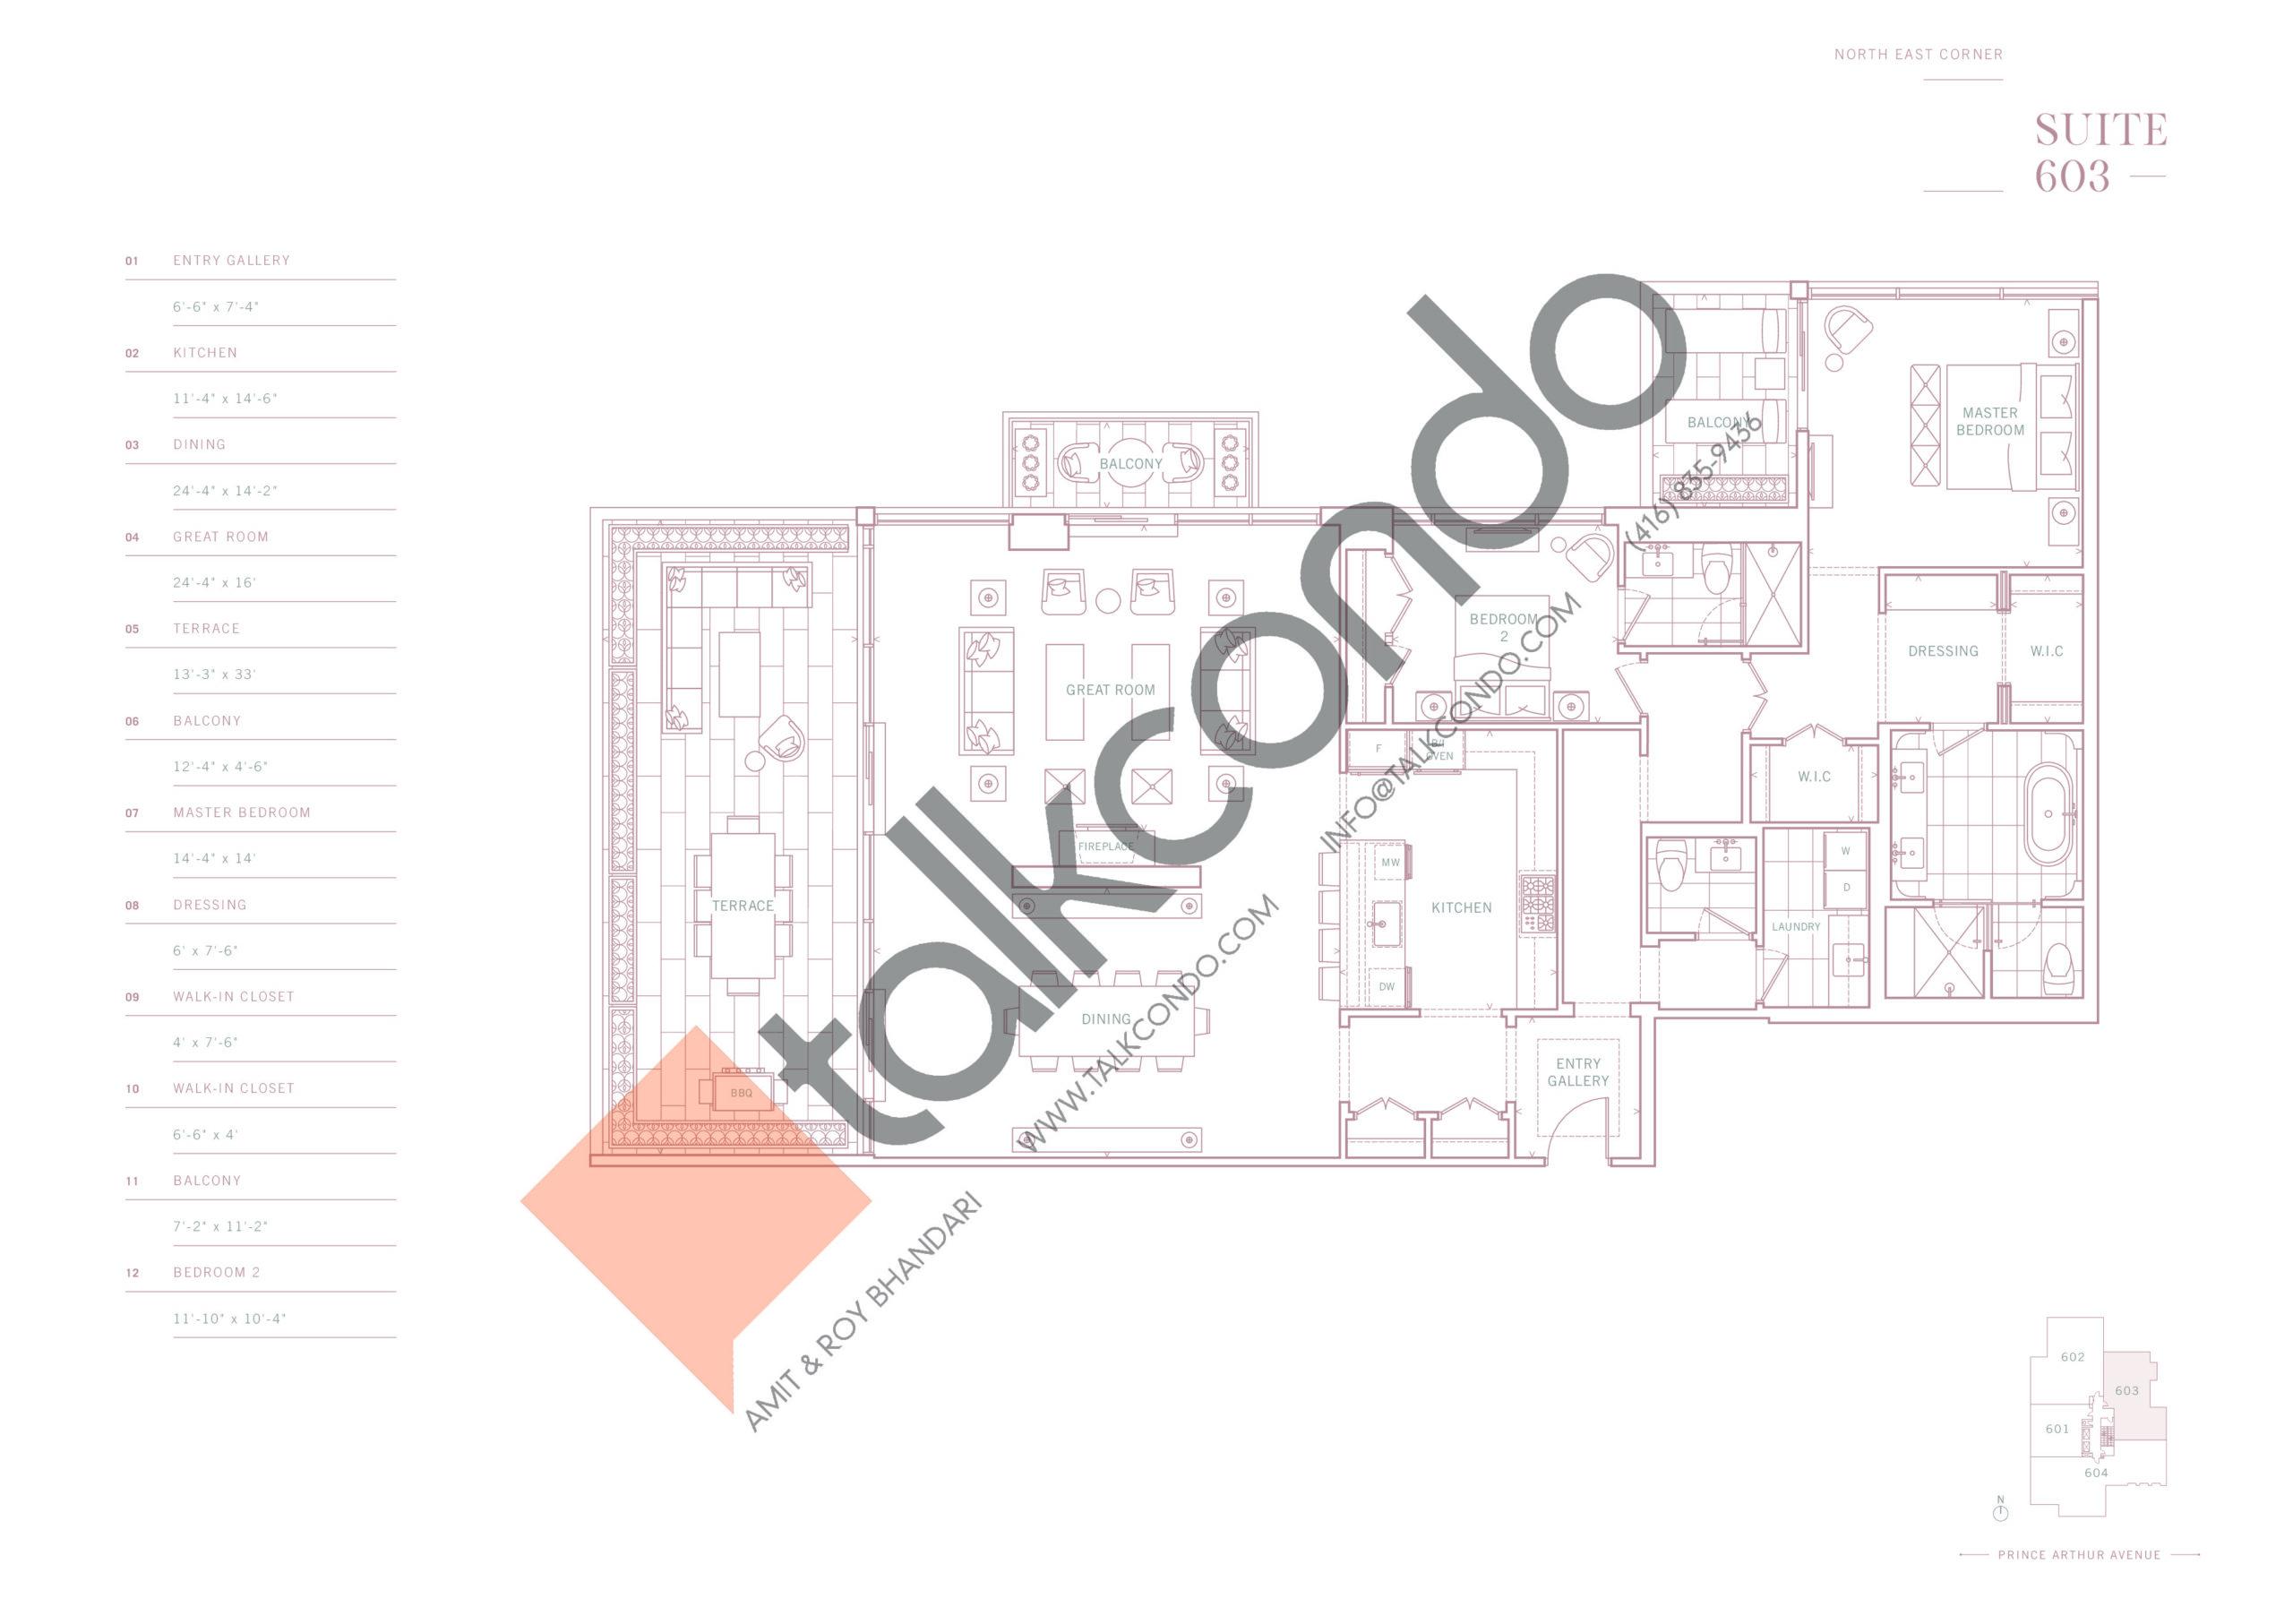 Suite 603 Floor Plan at 10 Prince Arthur Condos - 2237 sq.ft